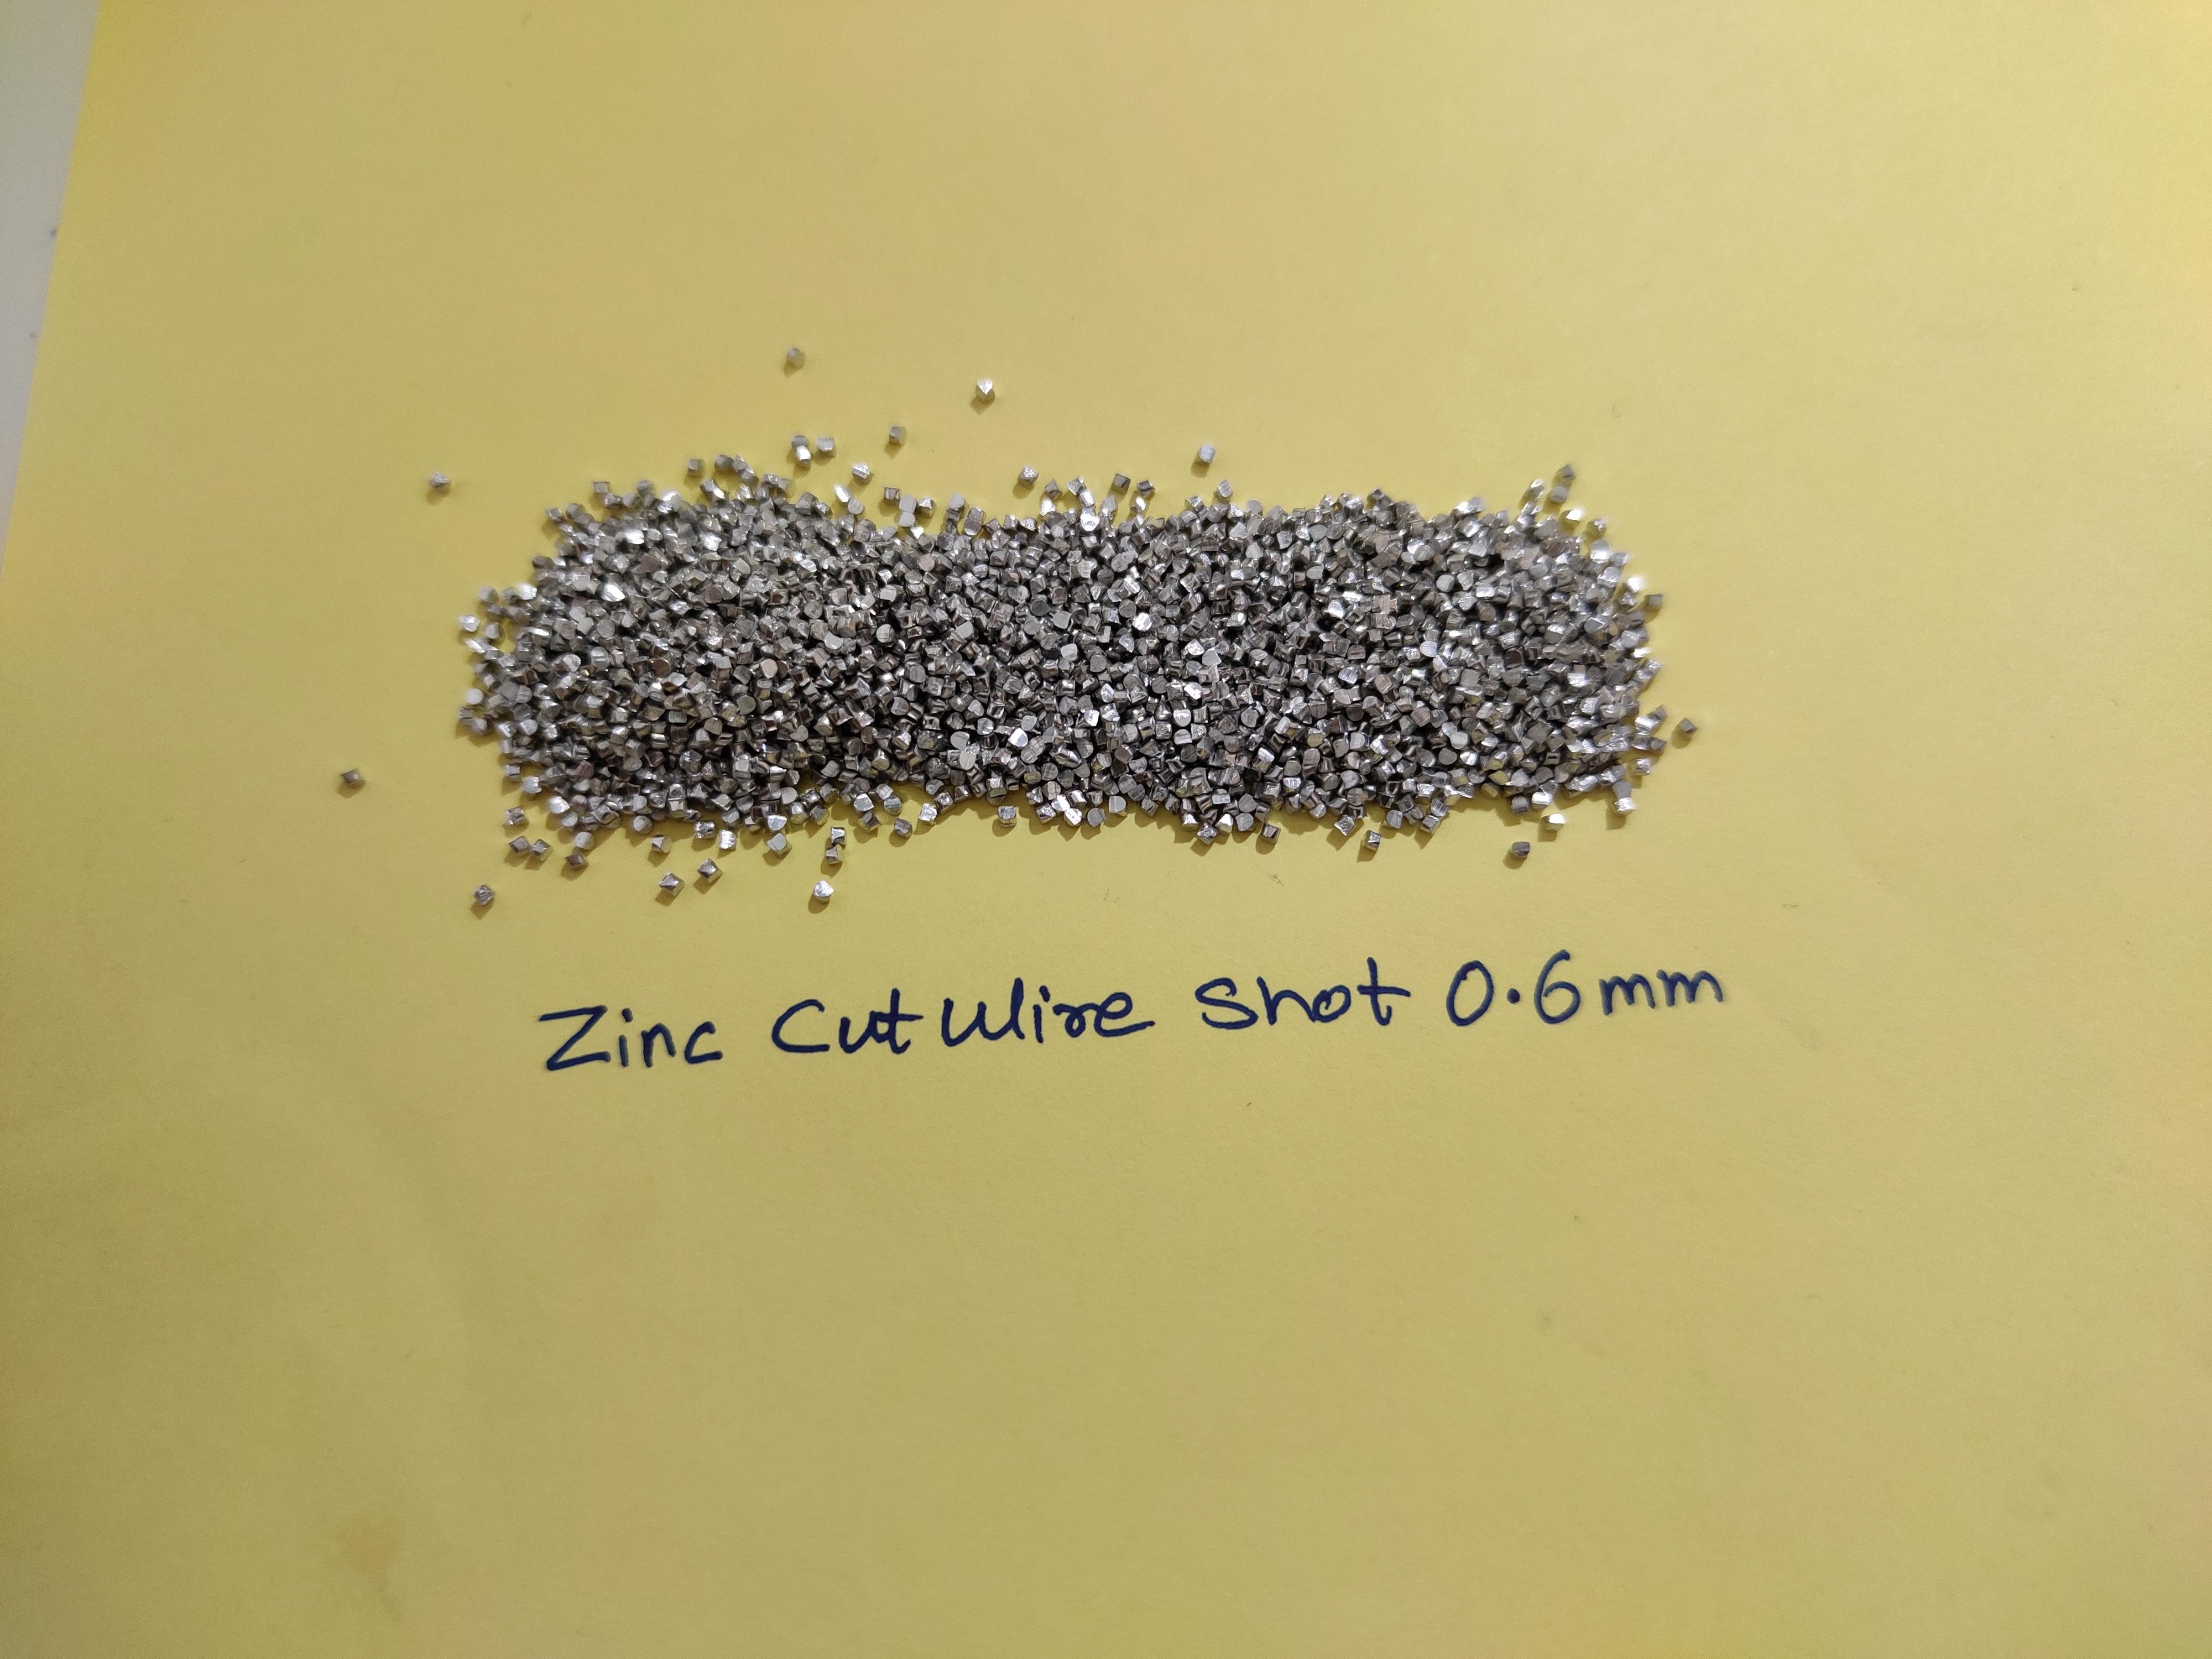 Zinc Shots